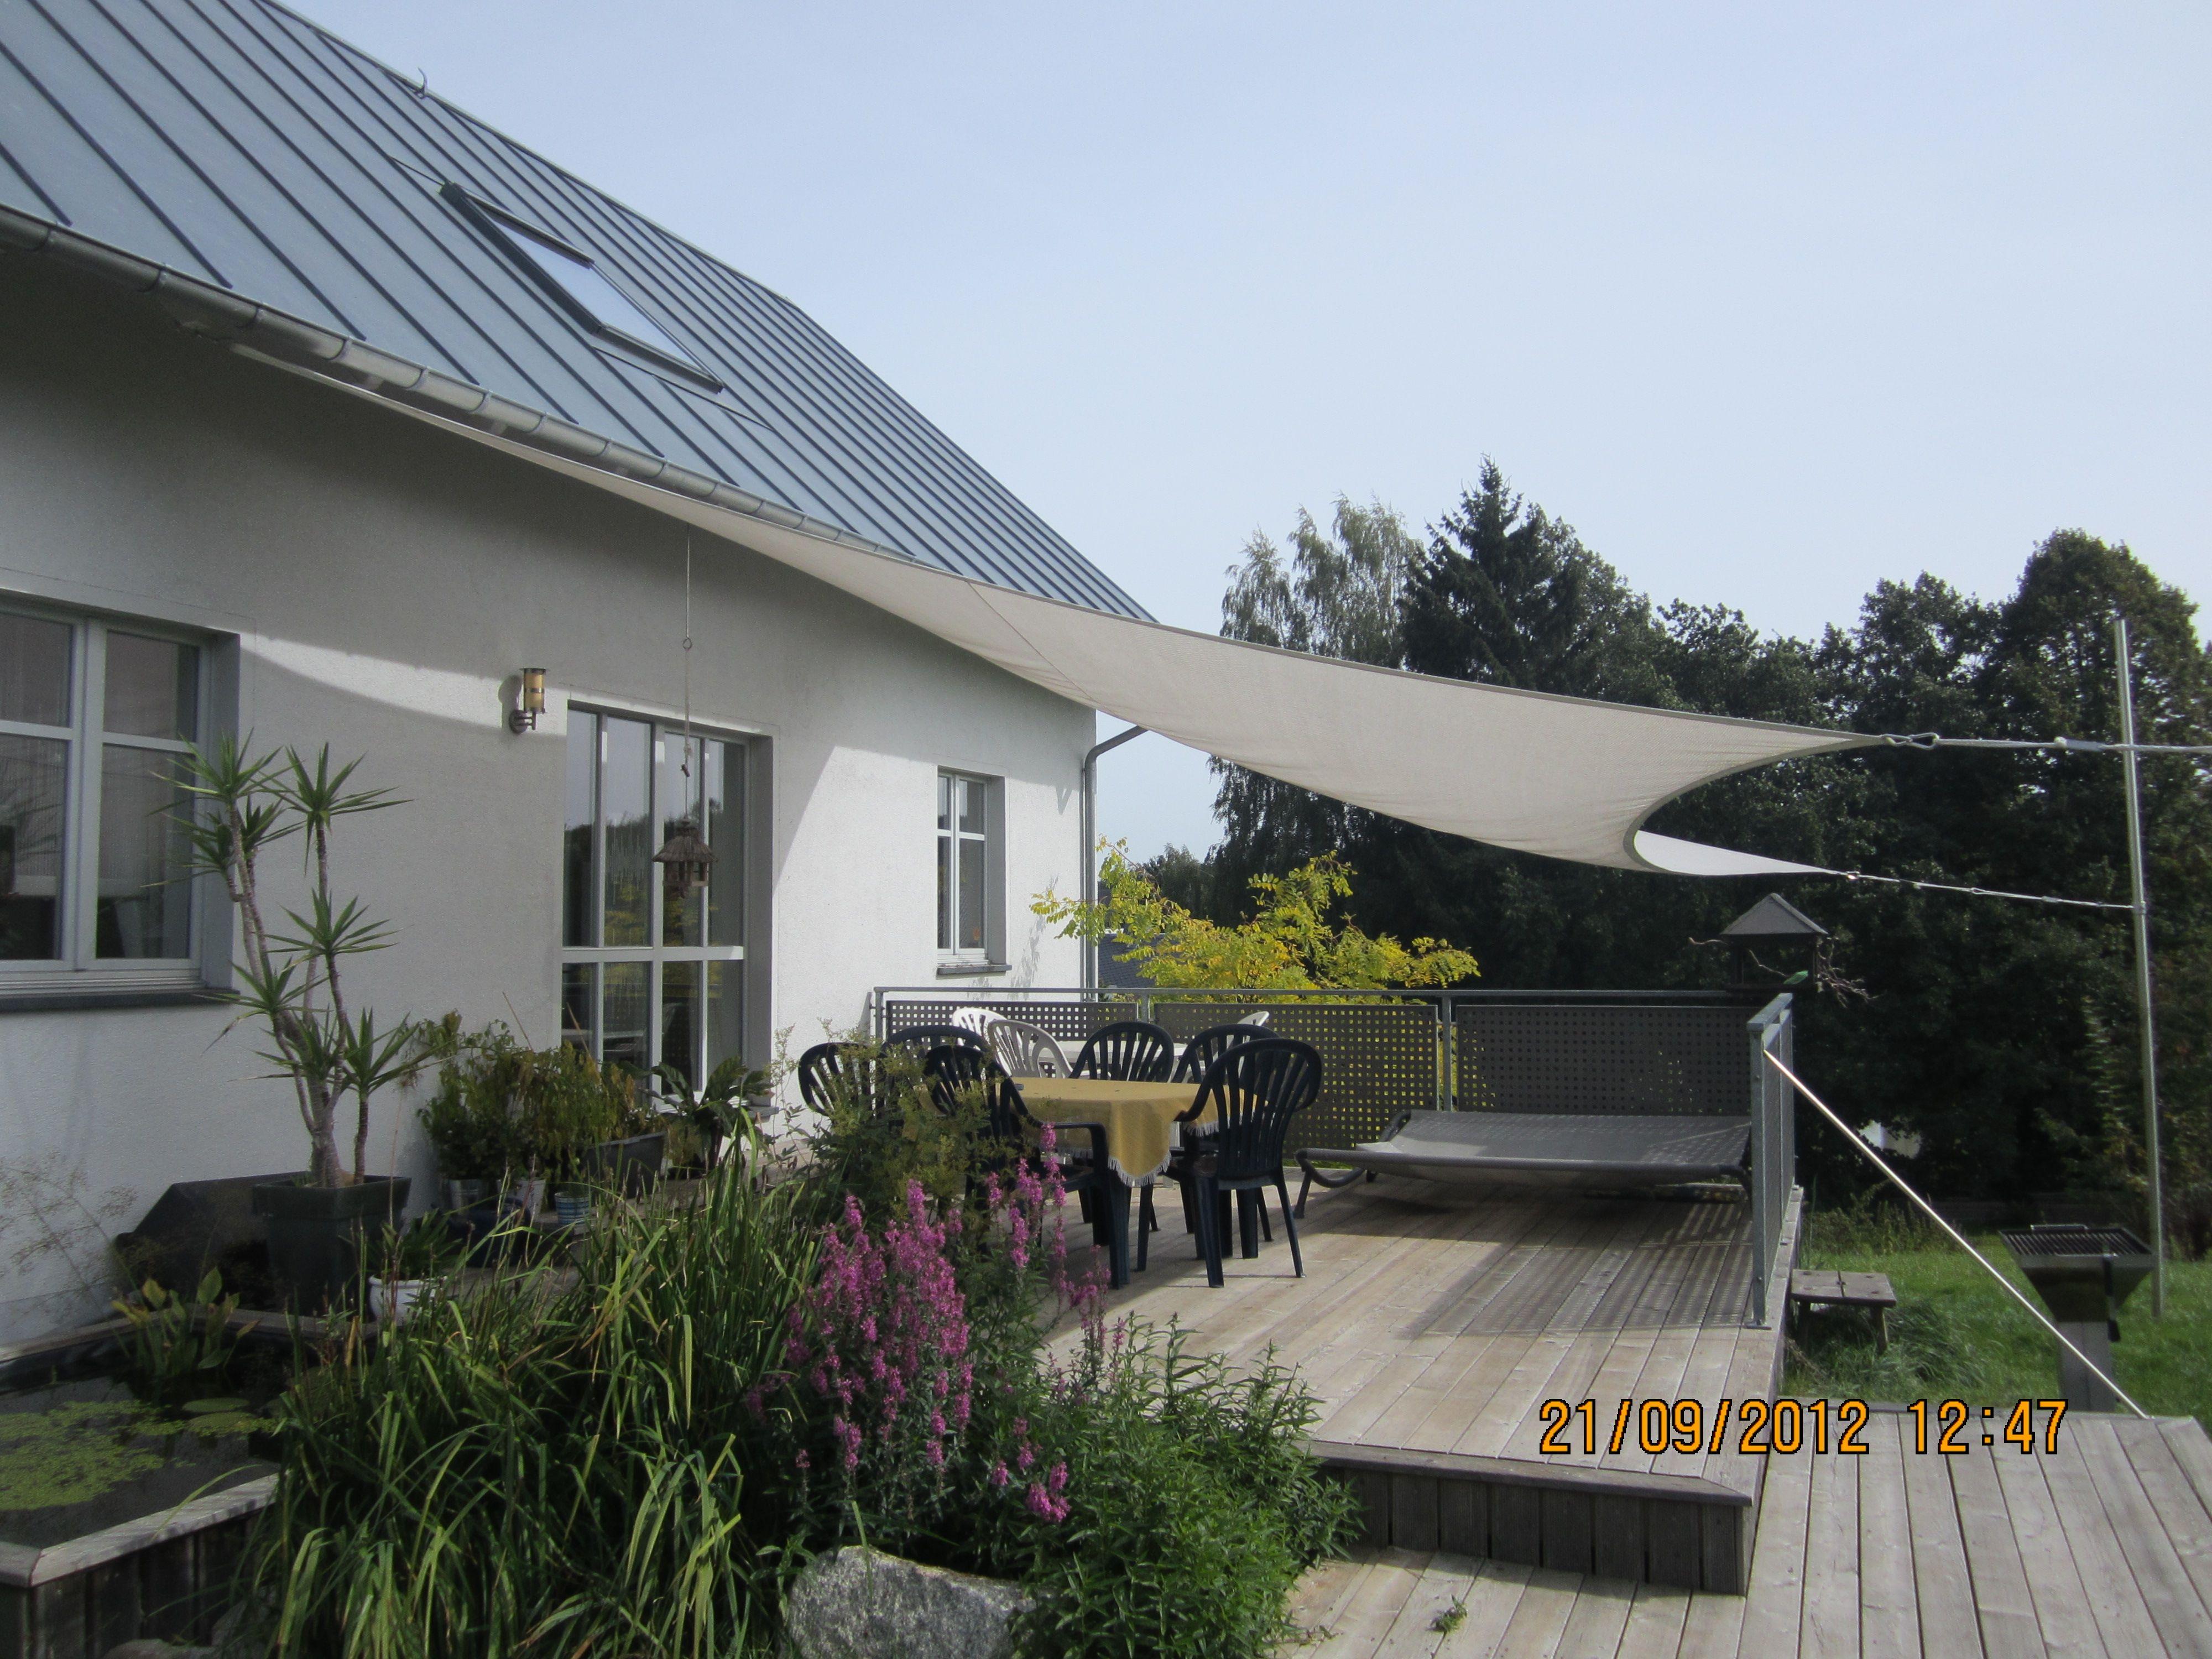 Solar Terrasse in geselliger runde den sommer im freien genießen auf der